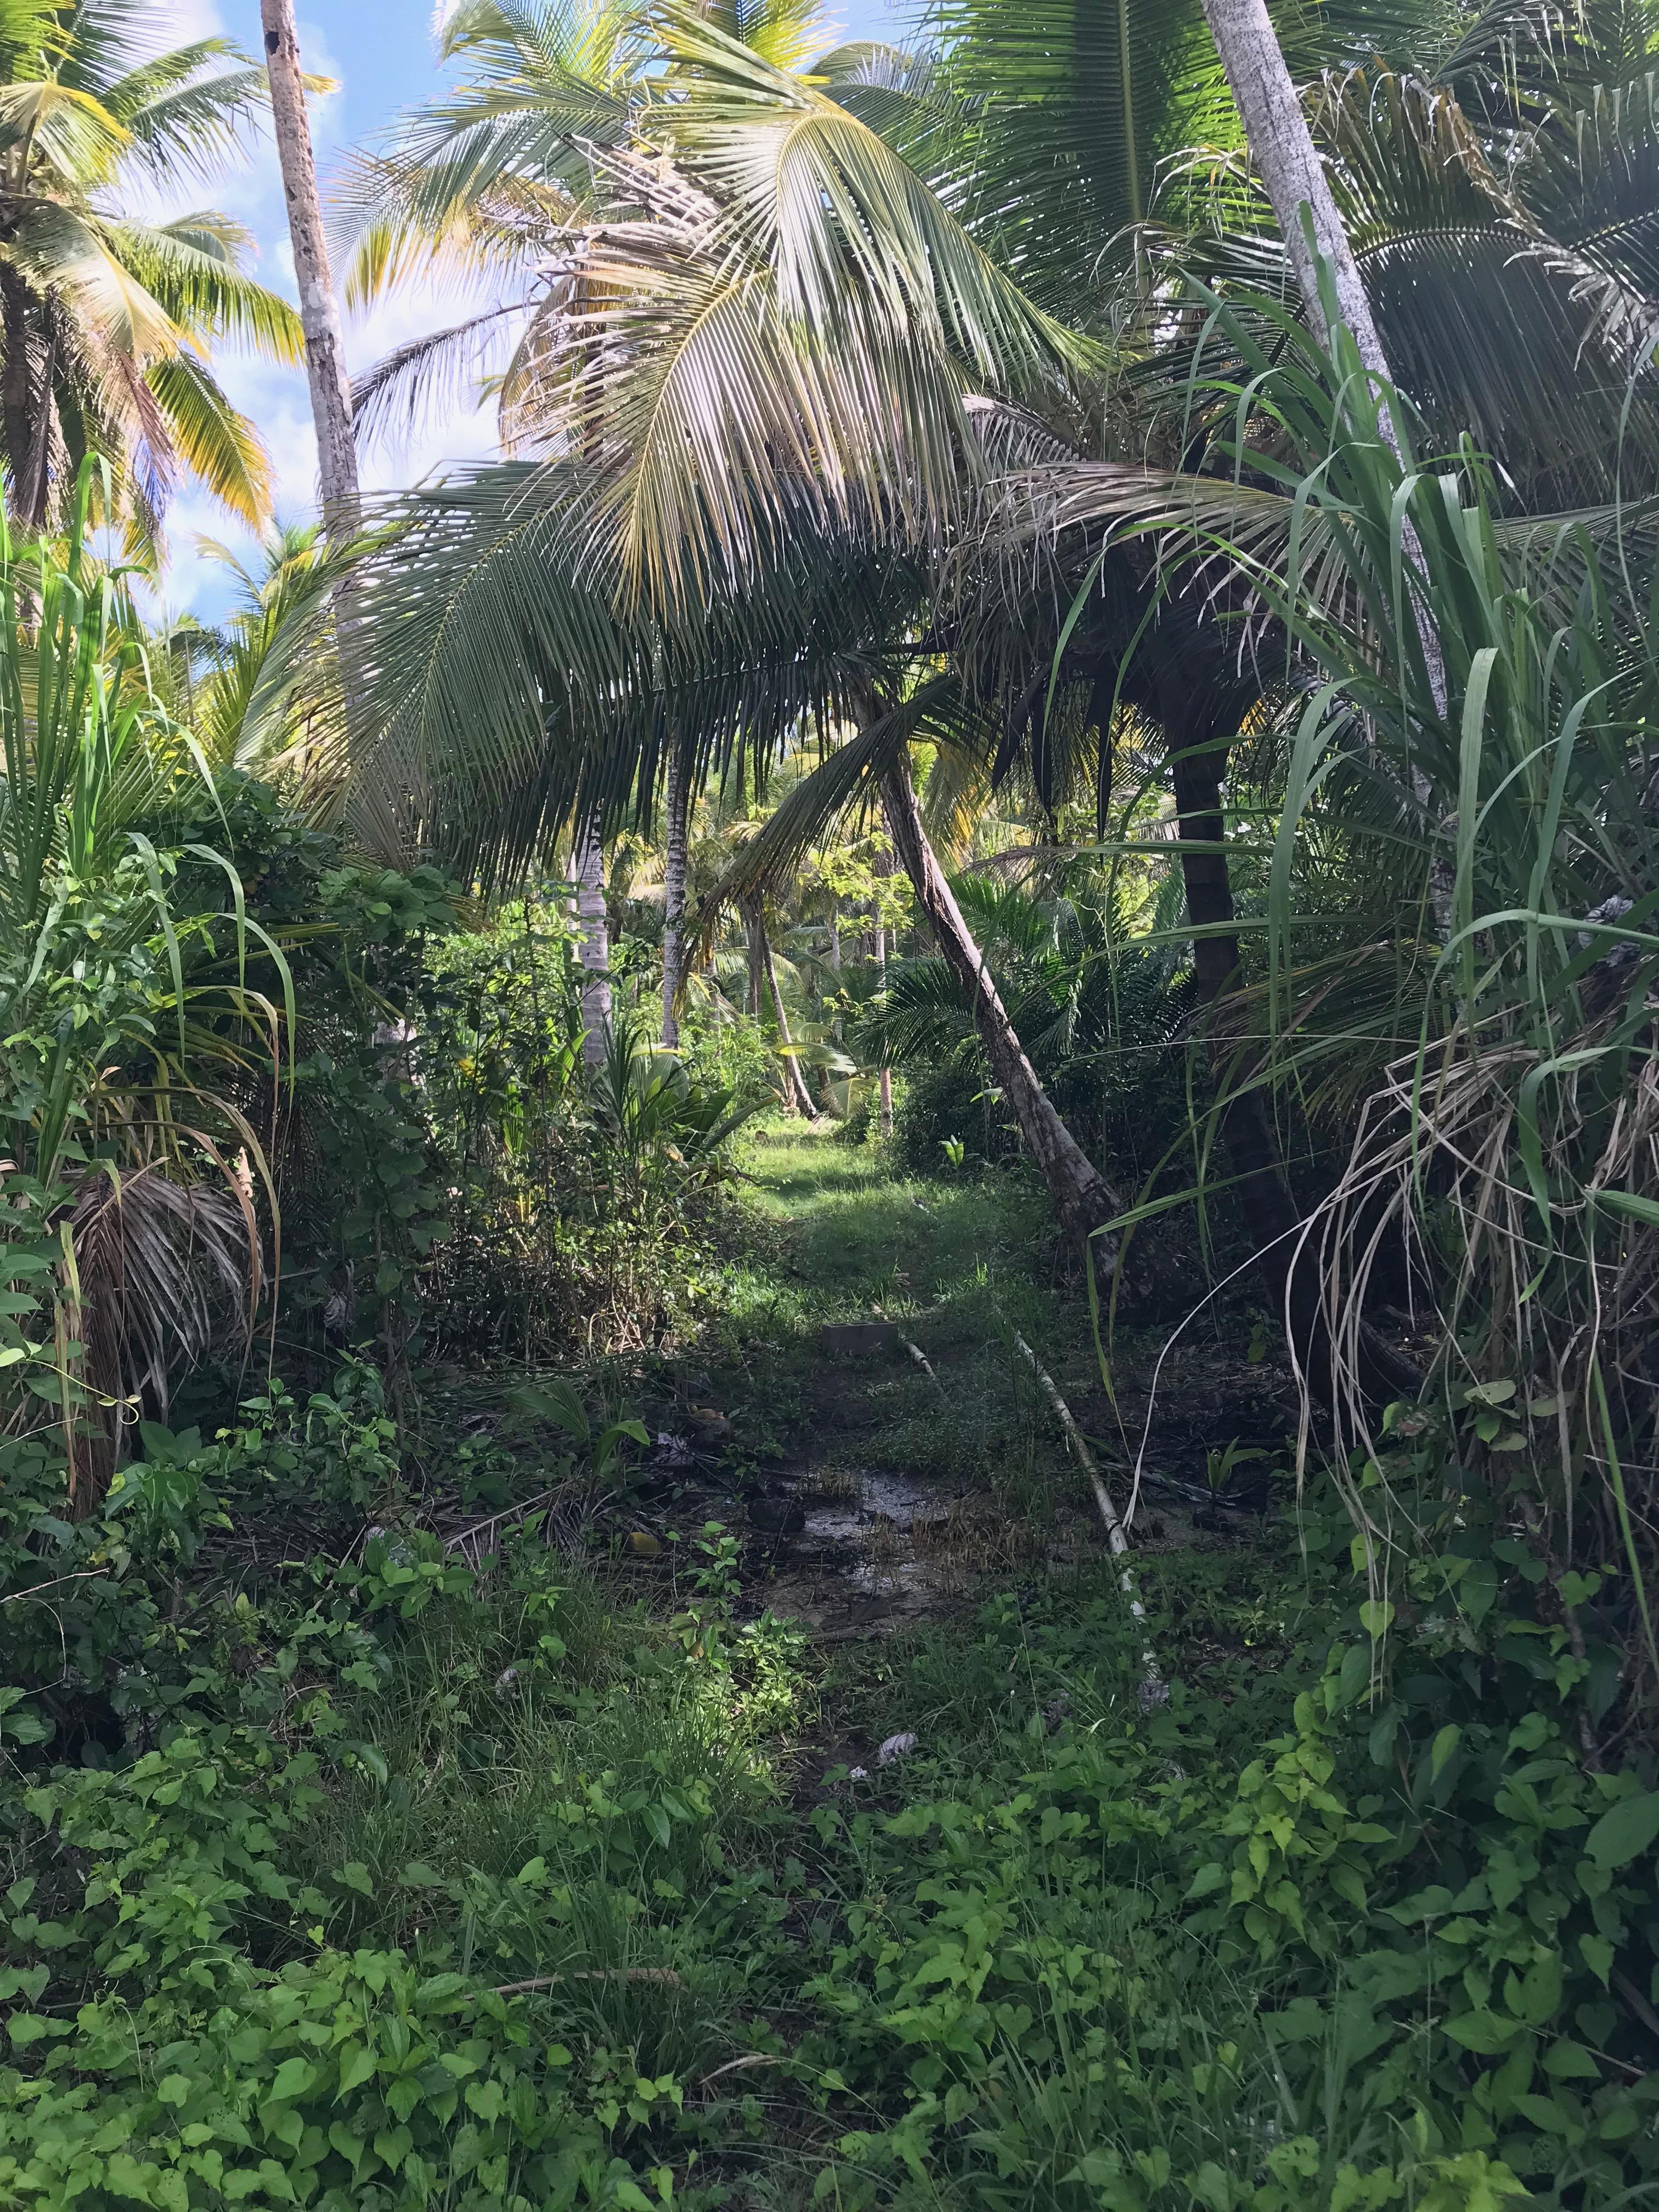 パナマ〜コロンビア国境越え サンブラス諸島